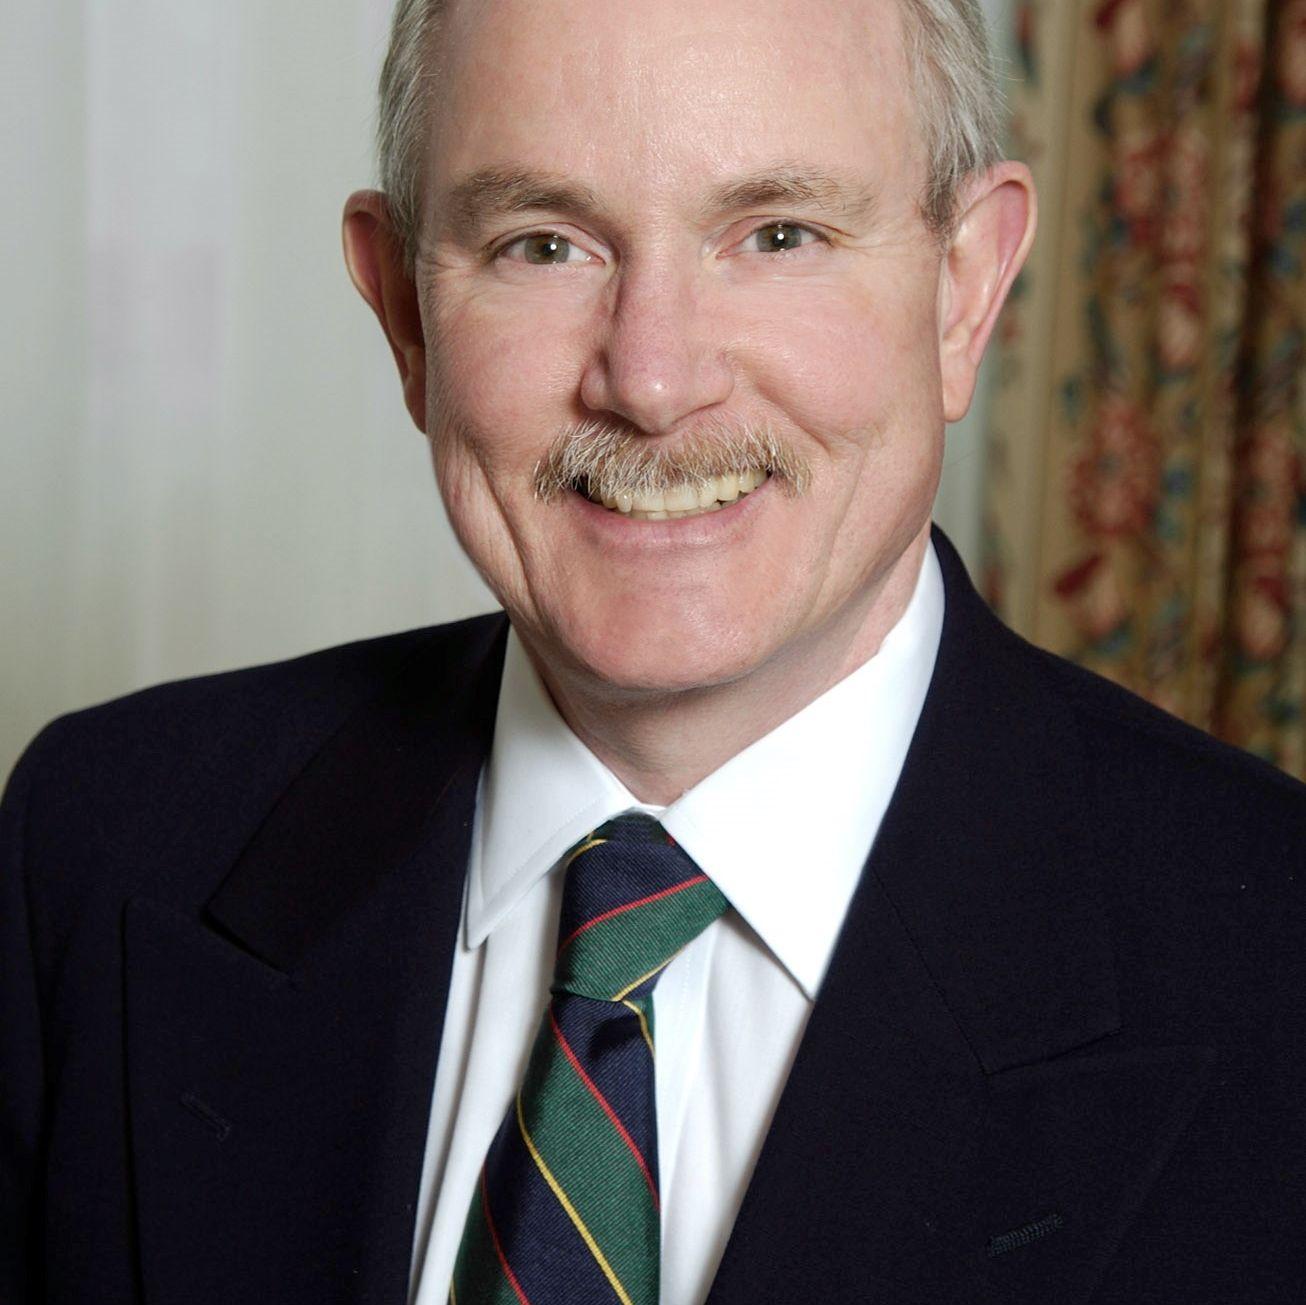 Dennis Concannon